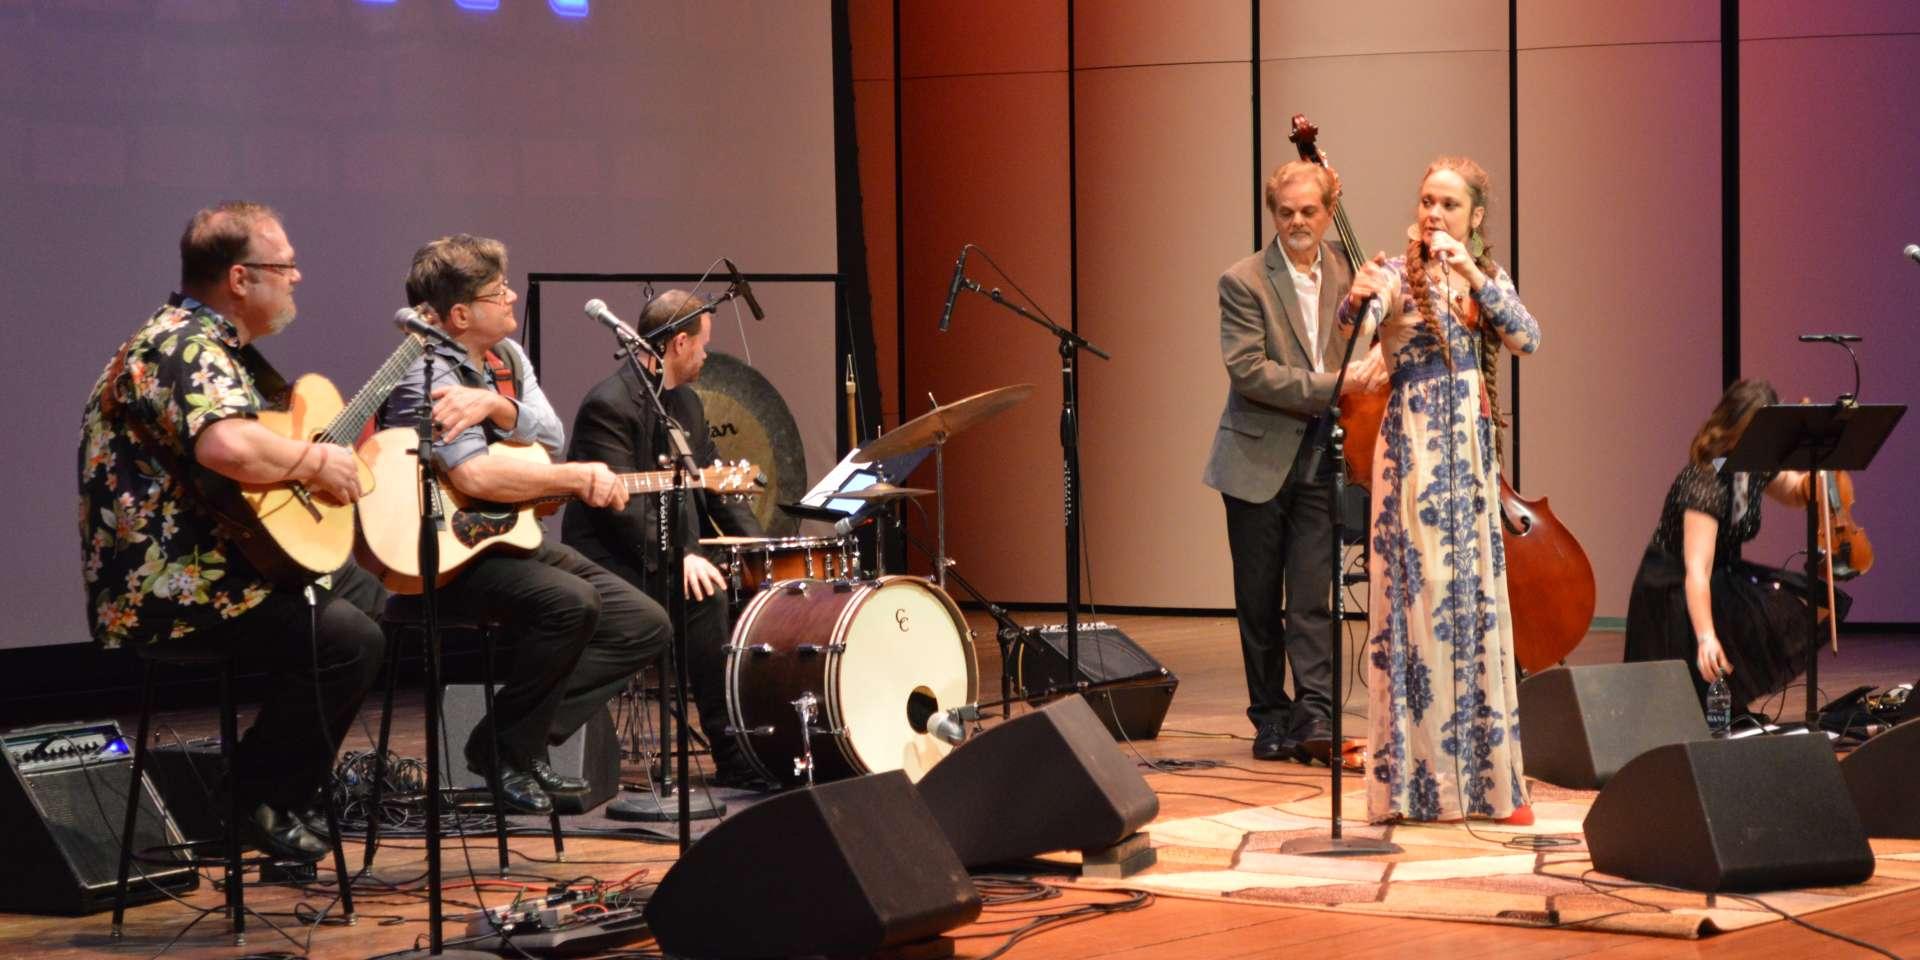 Concerts at the Ogle Center